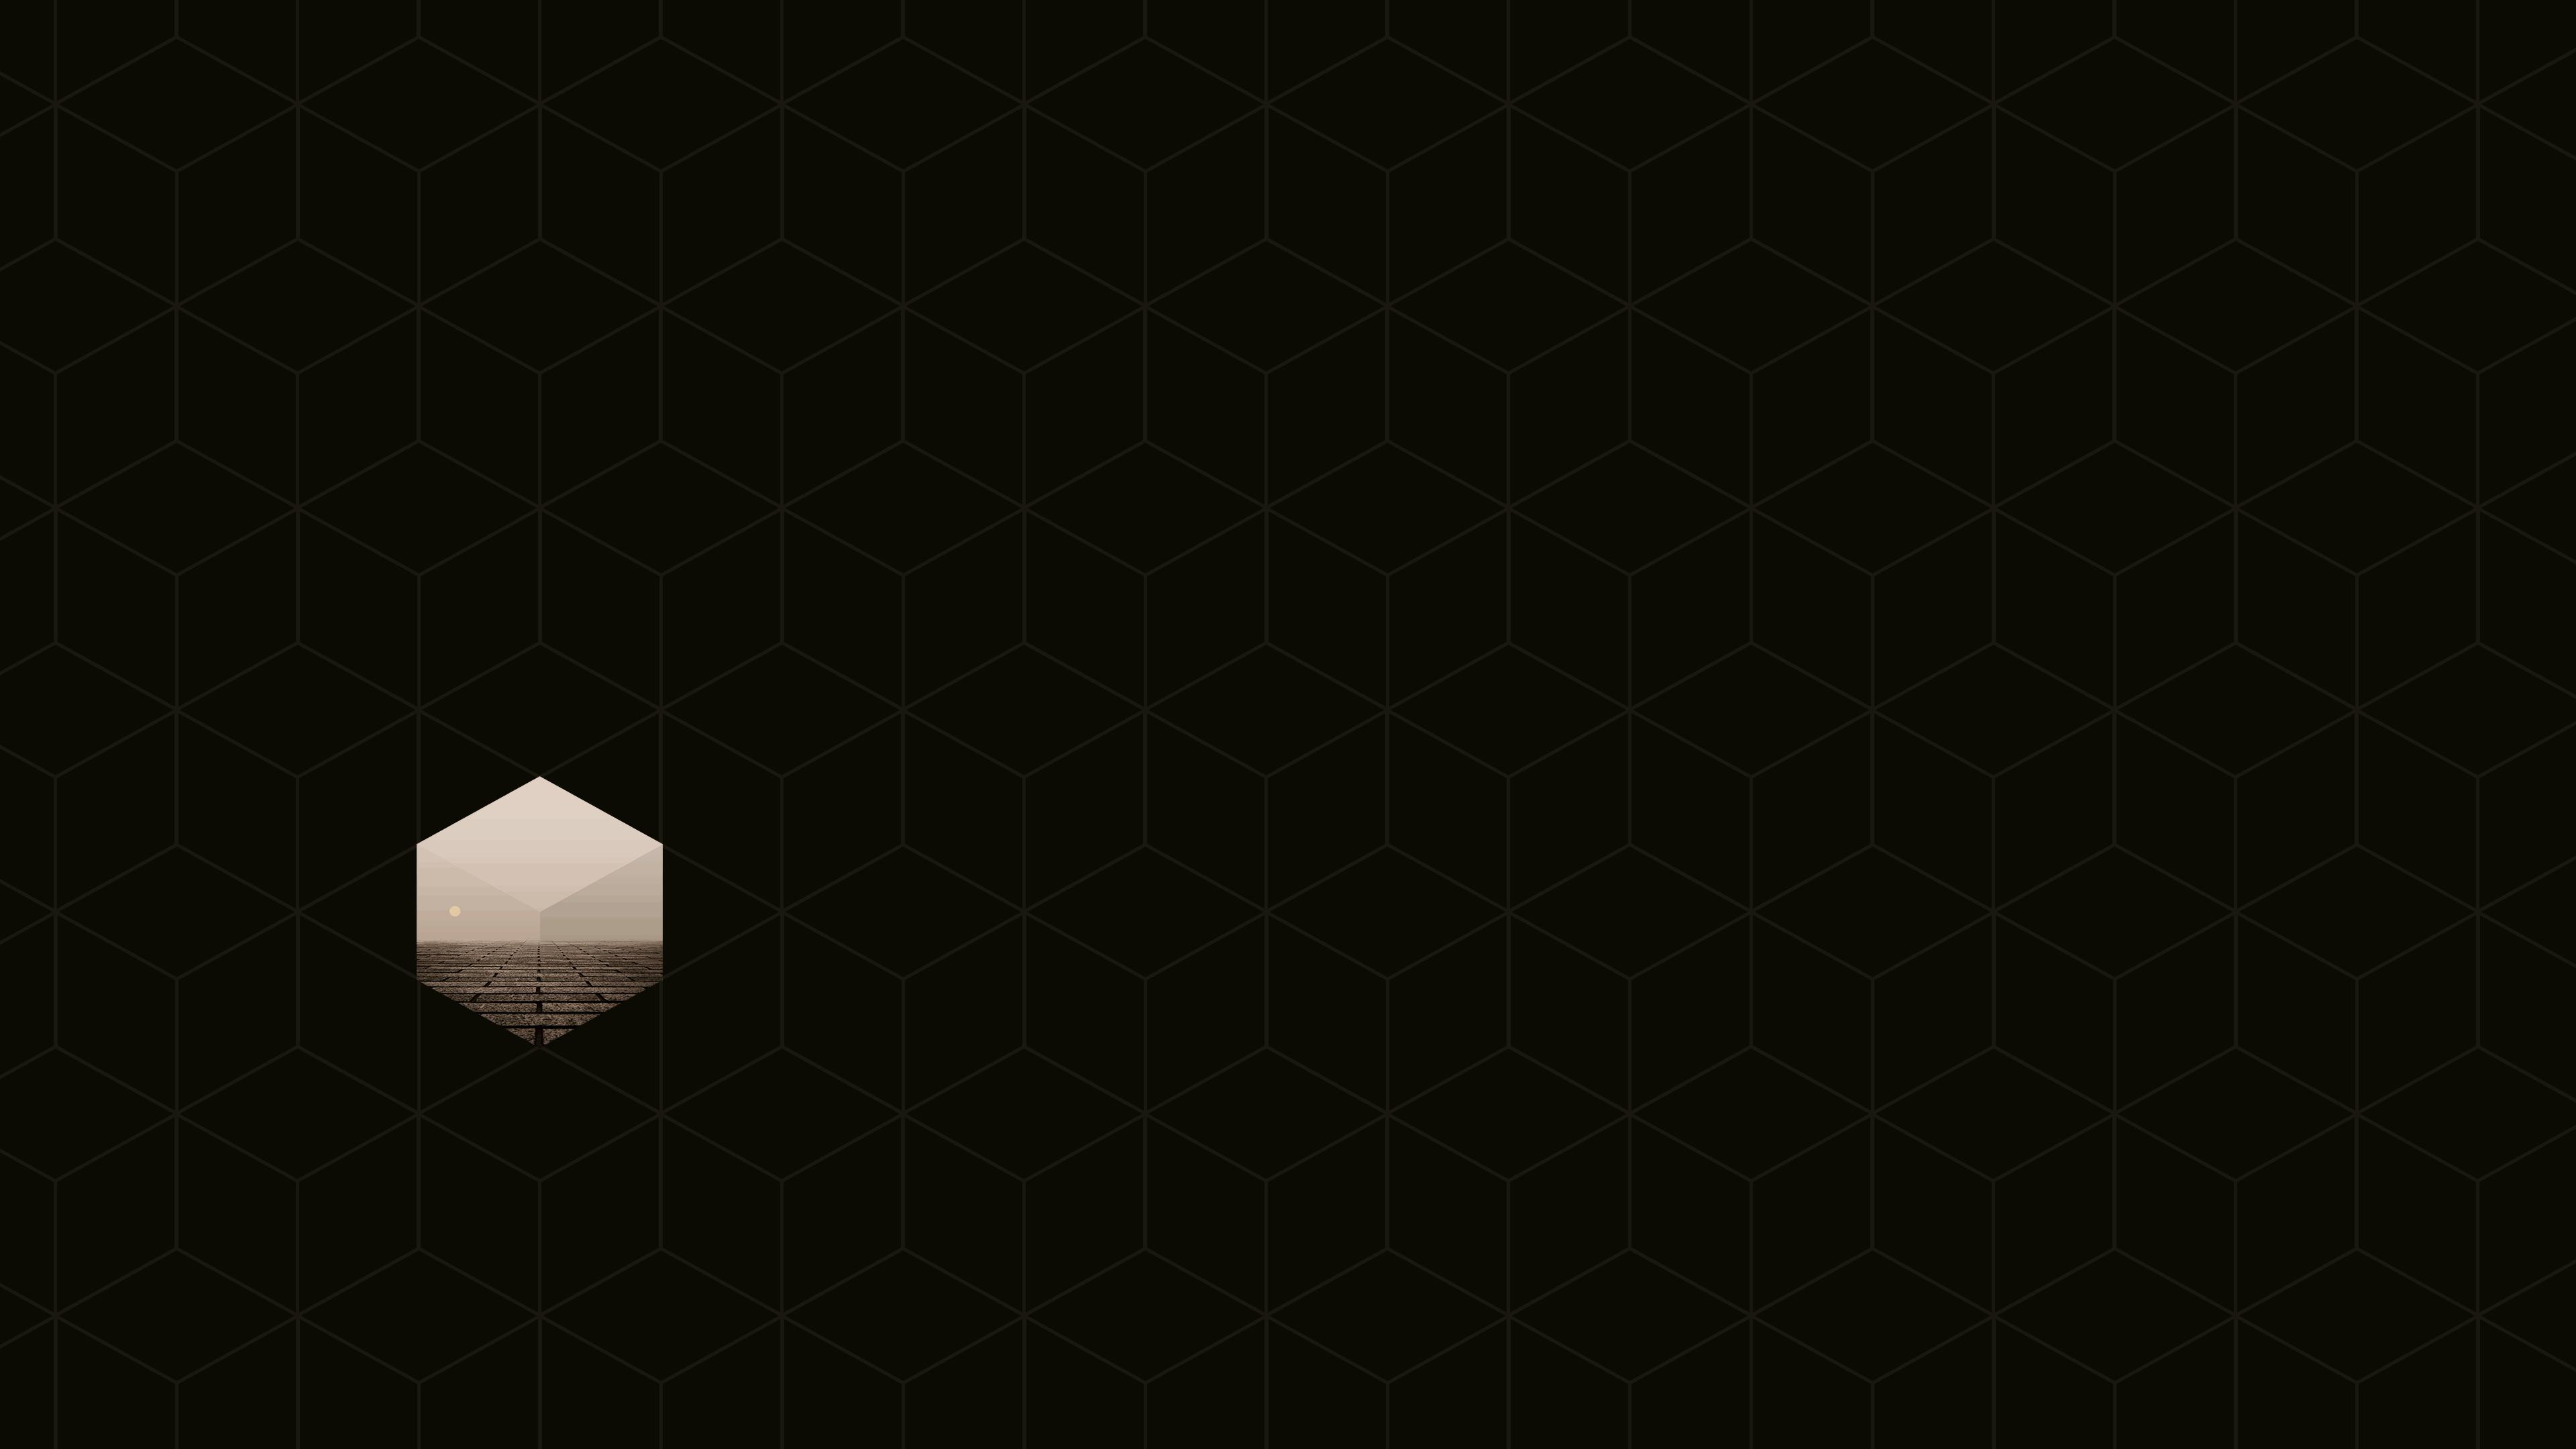 Dark Wallpaper 4k Mobile Trick Di 2020